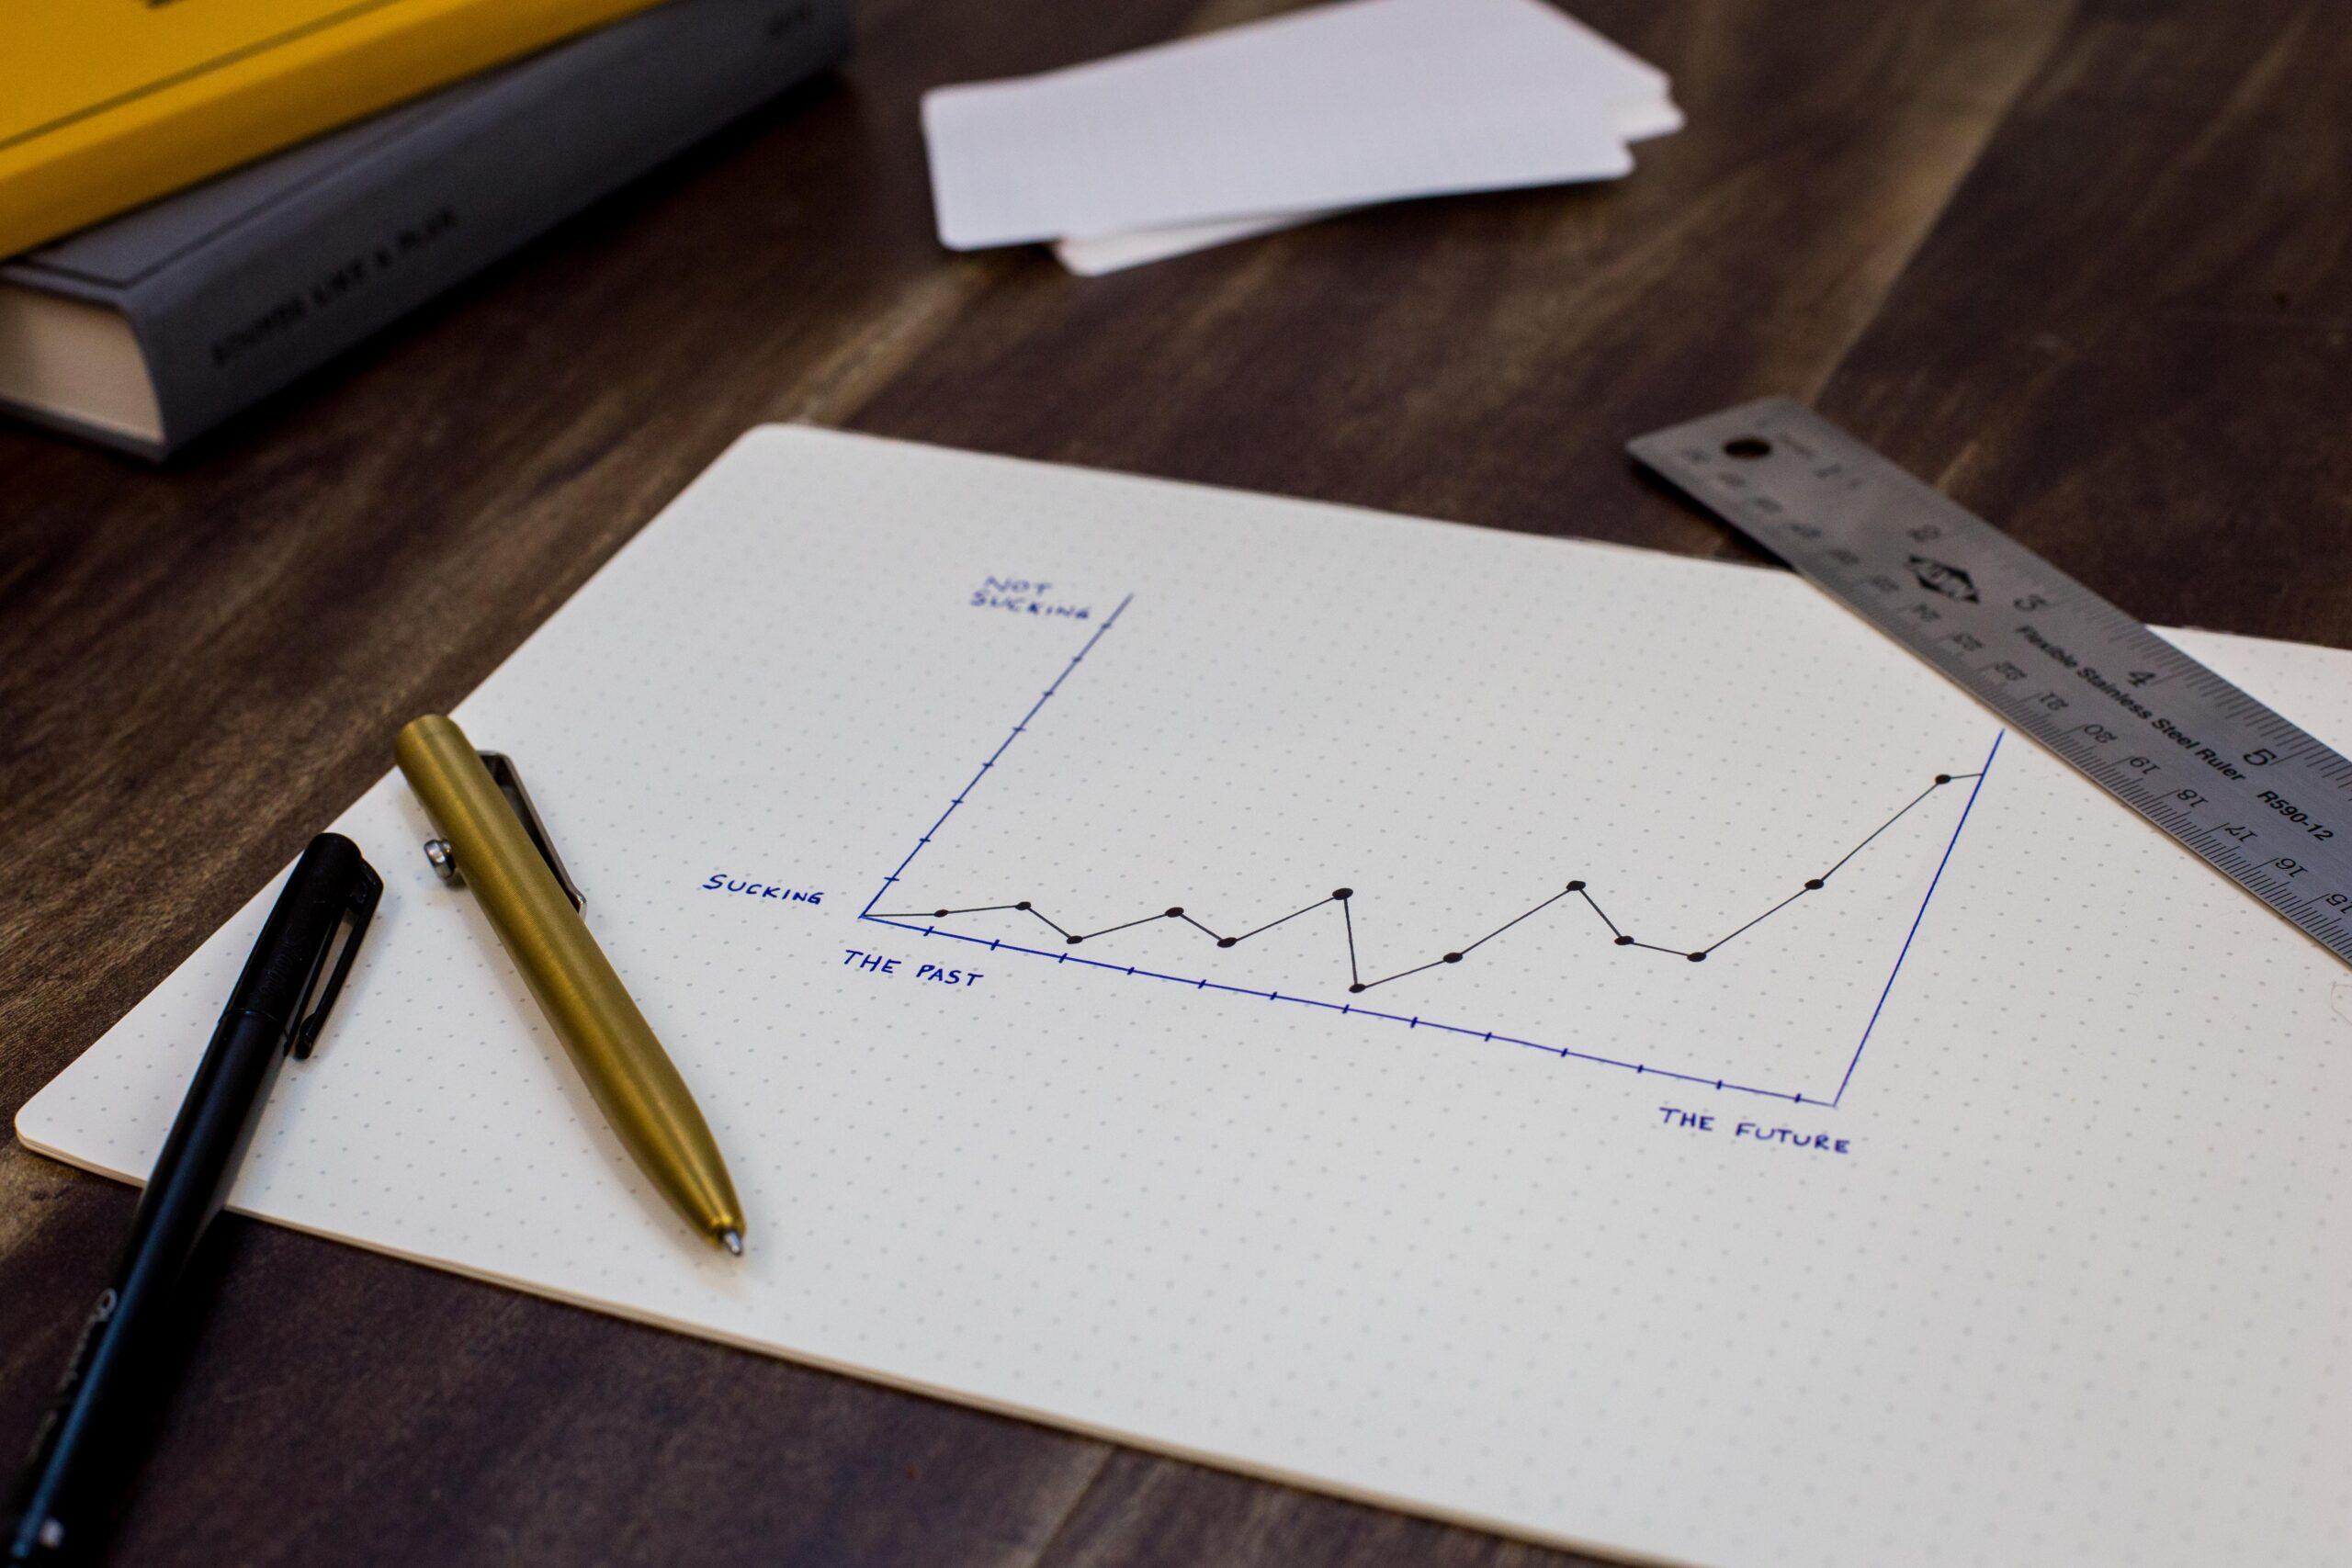 紙に書かれたグラフ